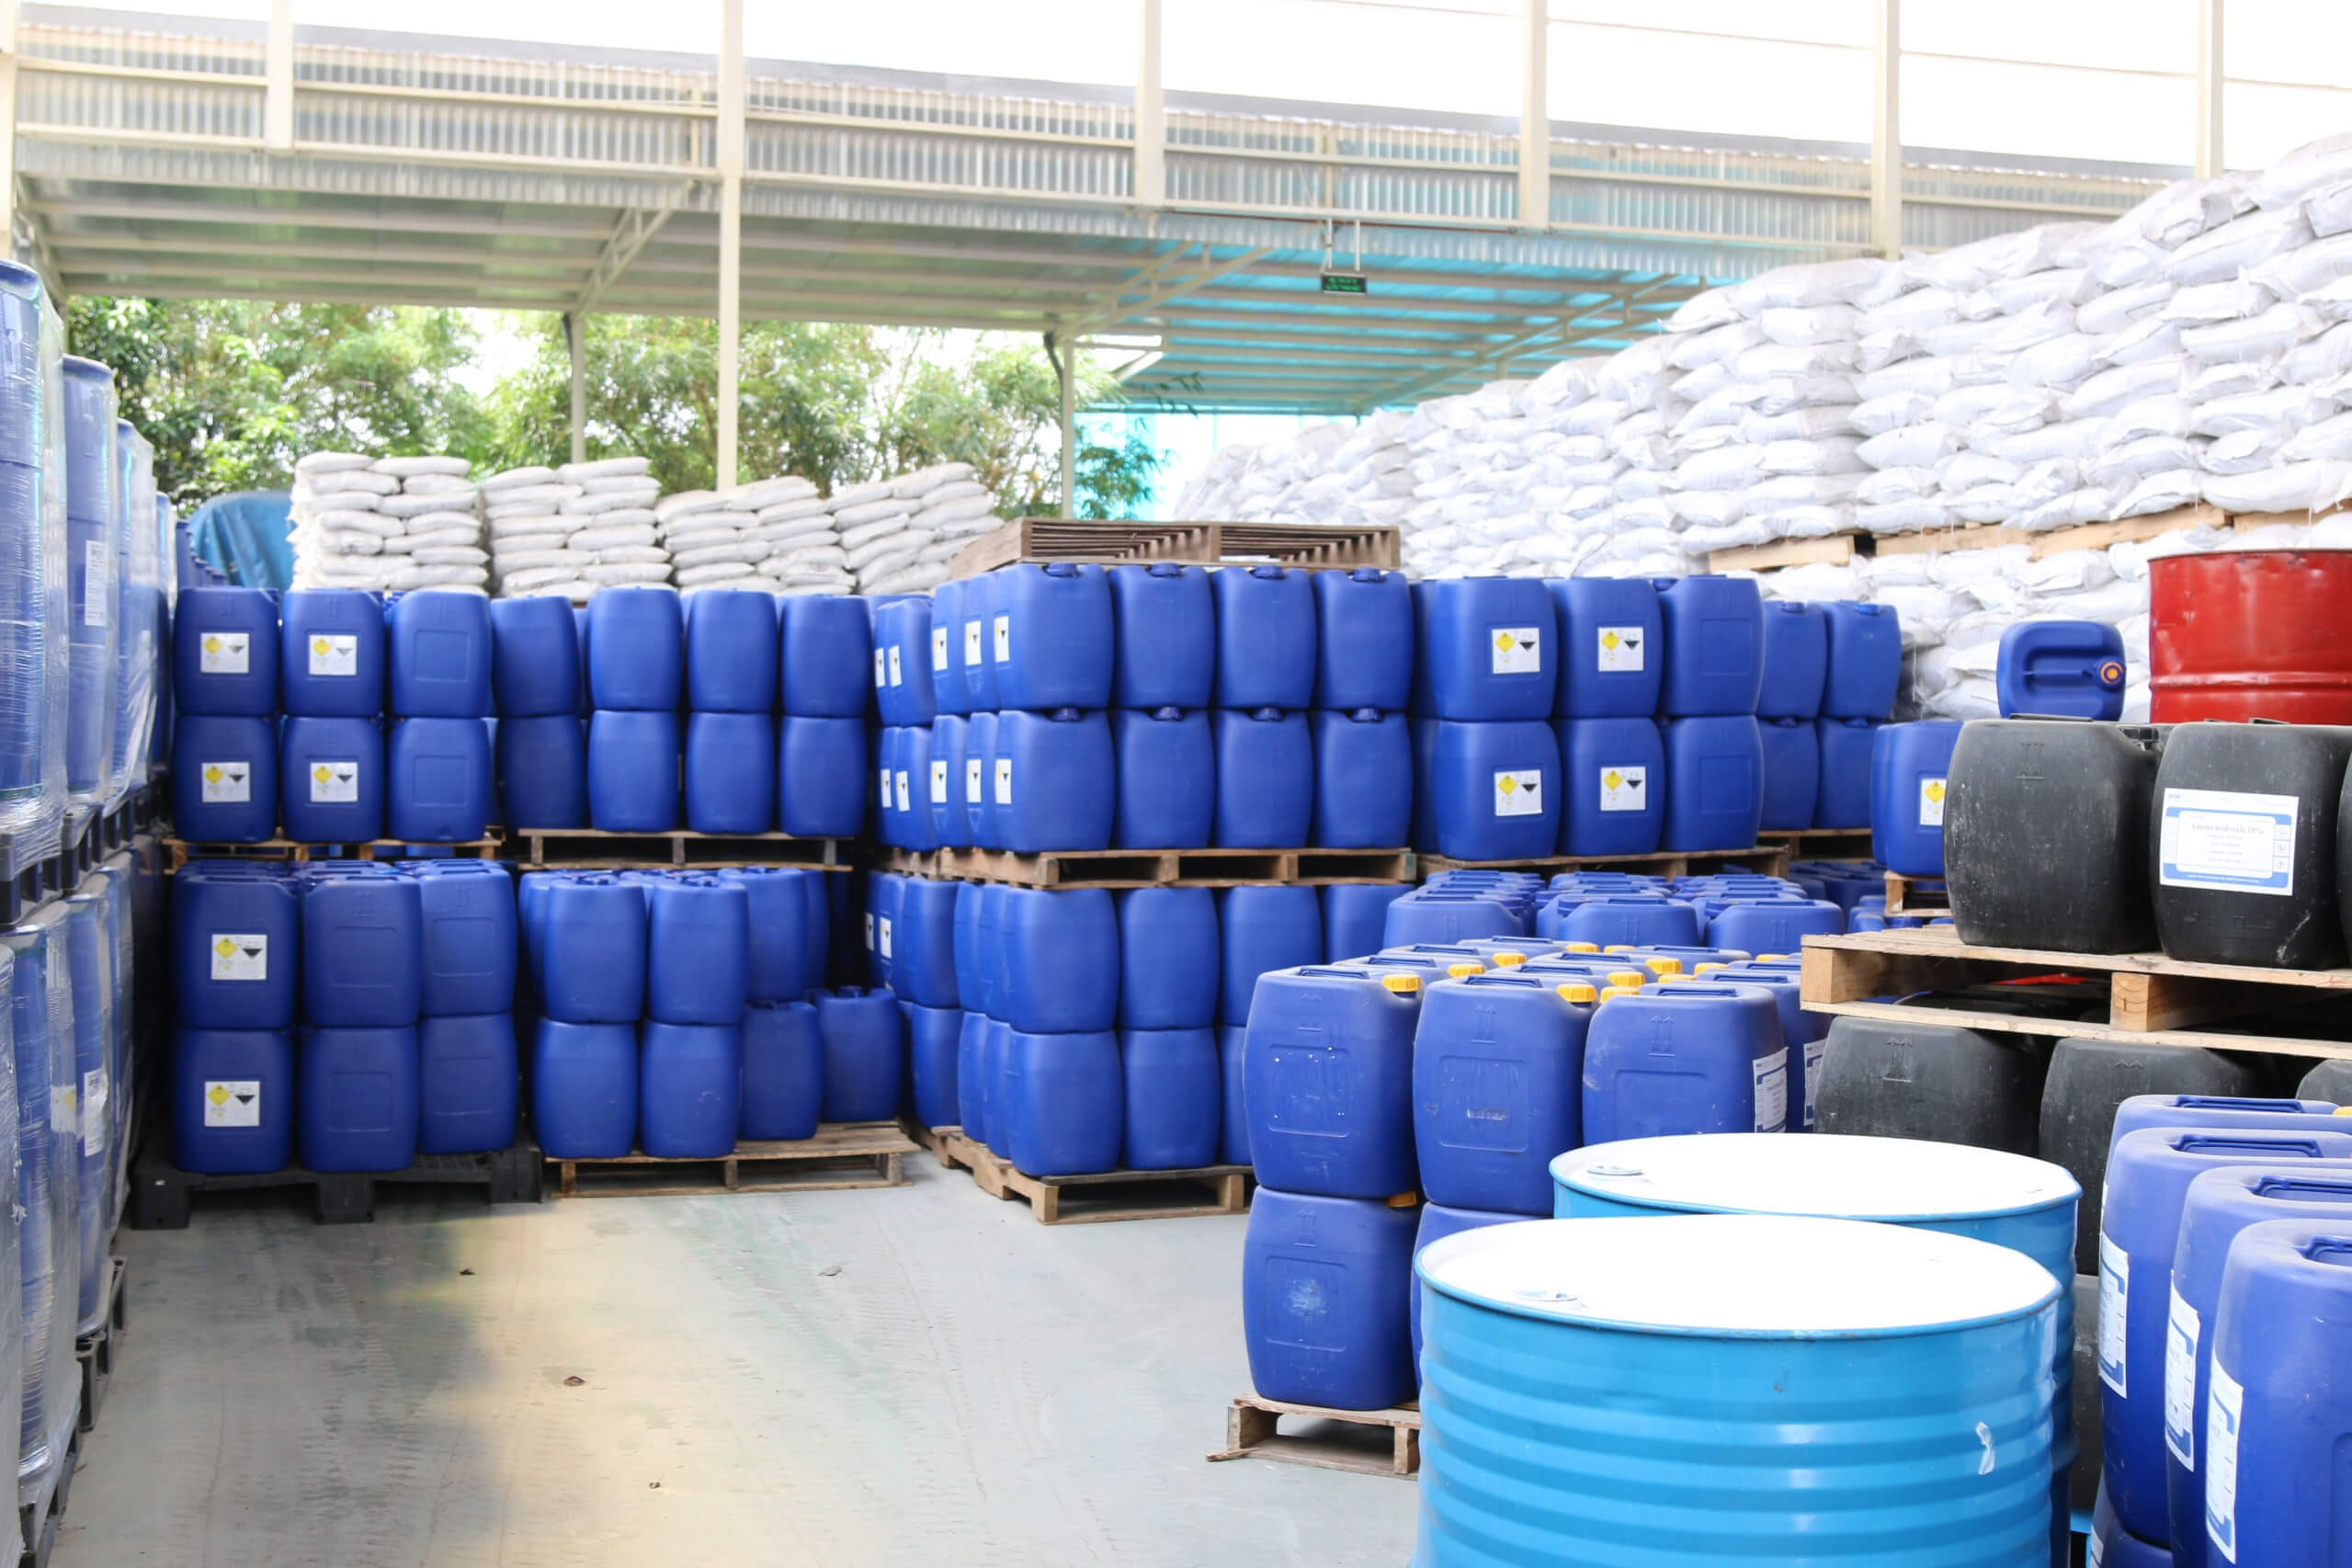 Mua Chloroform ở đâu đảm bảo, uy tín, giá rẻ tại Hà Nội, TP Hồ Chí Minh